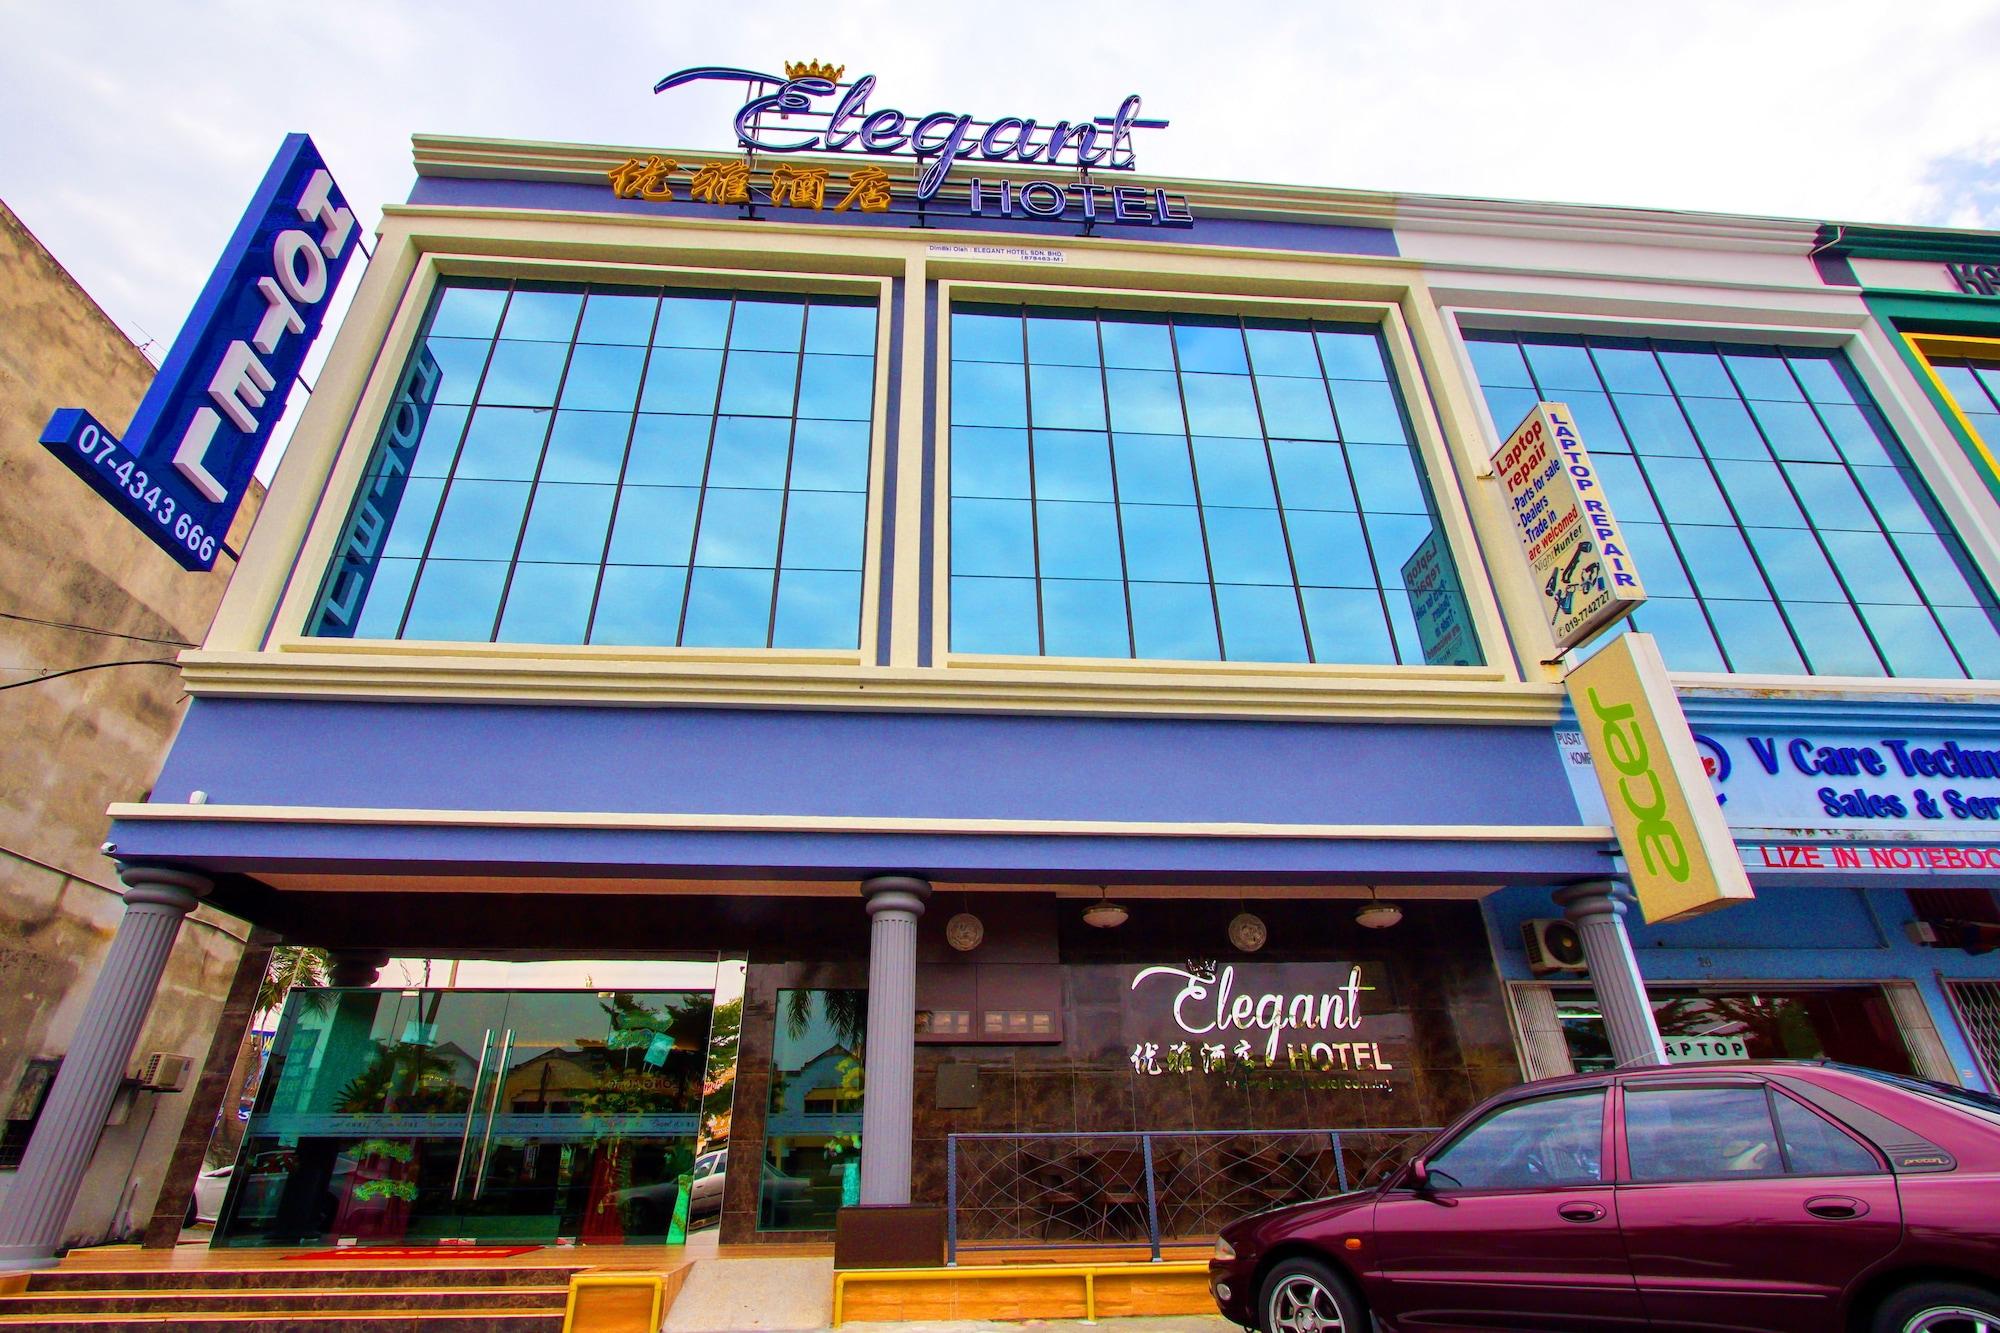 Elegant Hotel, Batu Pahat